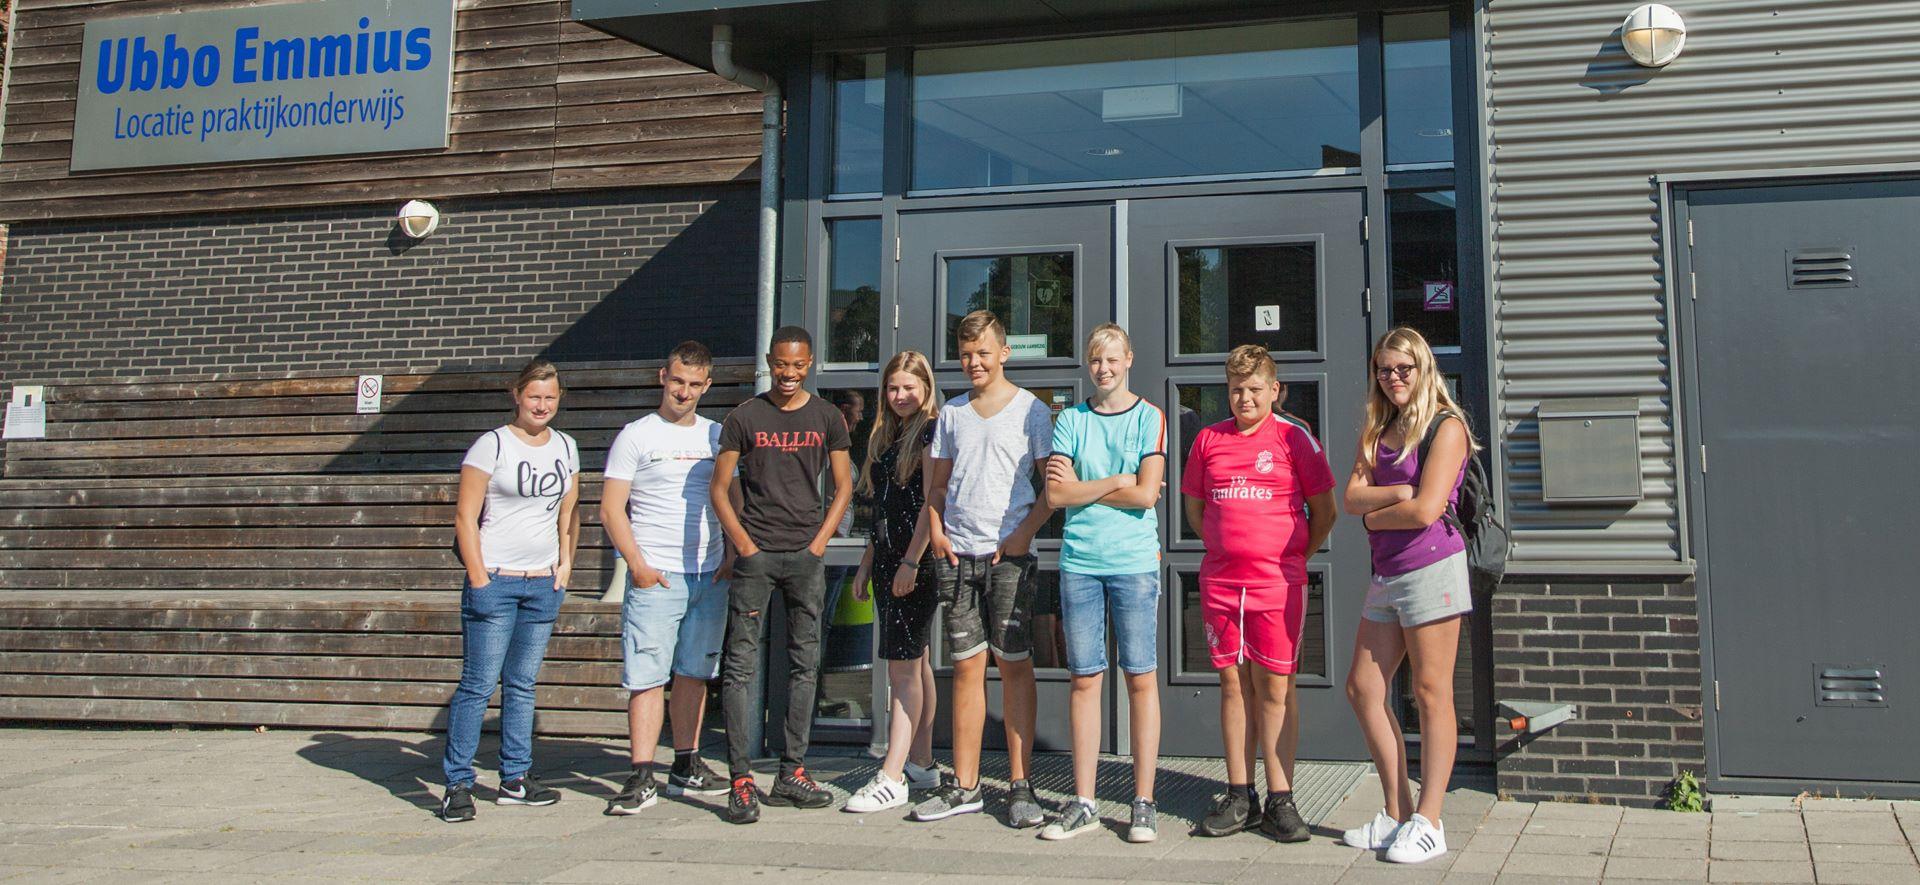 https://www.ubboemmius.nl/wp-content/uploads/2018/09/20180821_Ubbo_online_beeldmateriaal_bronbestand_PRO_1_overdeschool.jpg